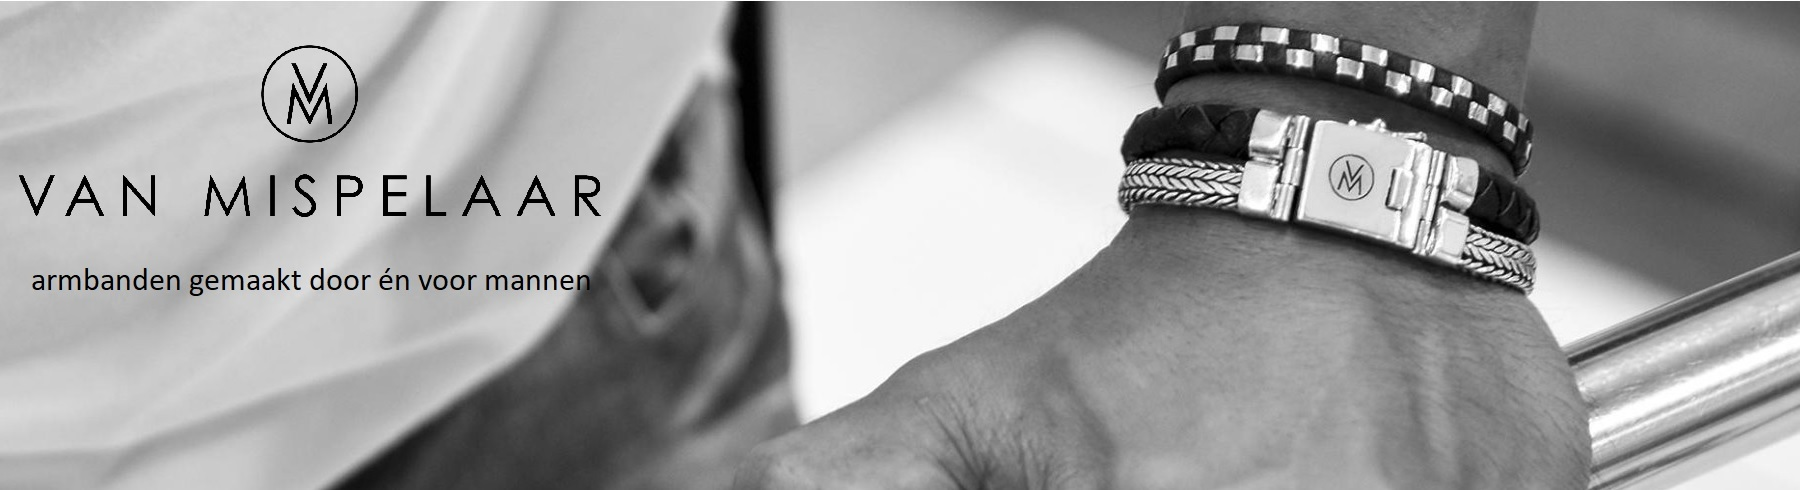 VAN MISPELAAR armbanden gemaakt door én voor mannen